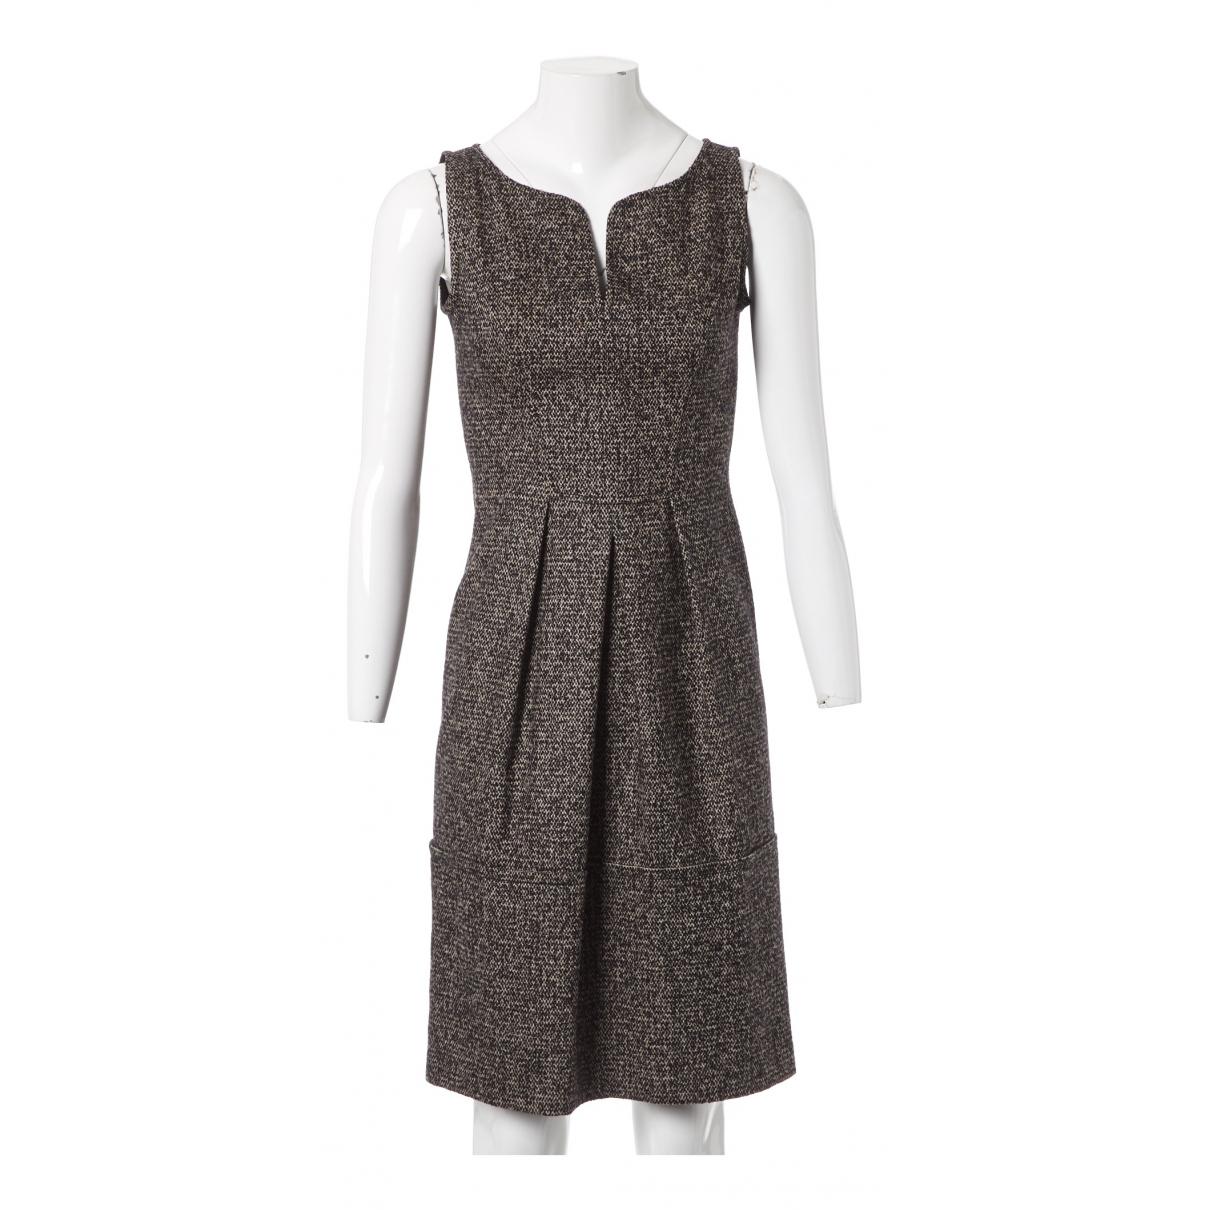 Oscar De La Renta \N Grey Wool dress for Women 1 US